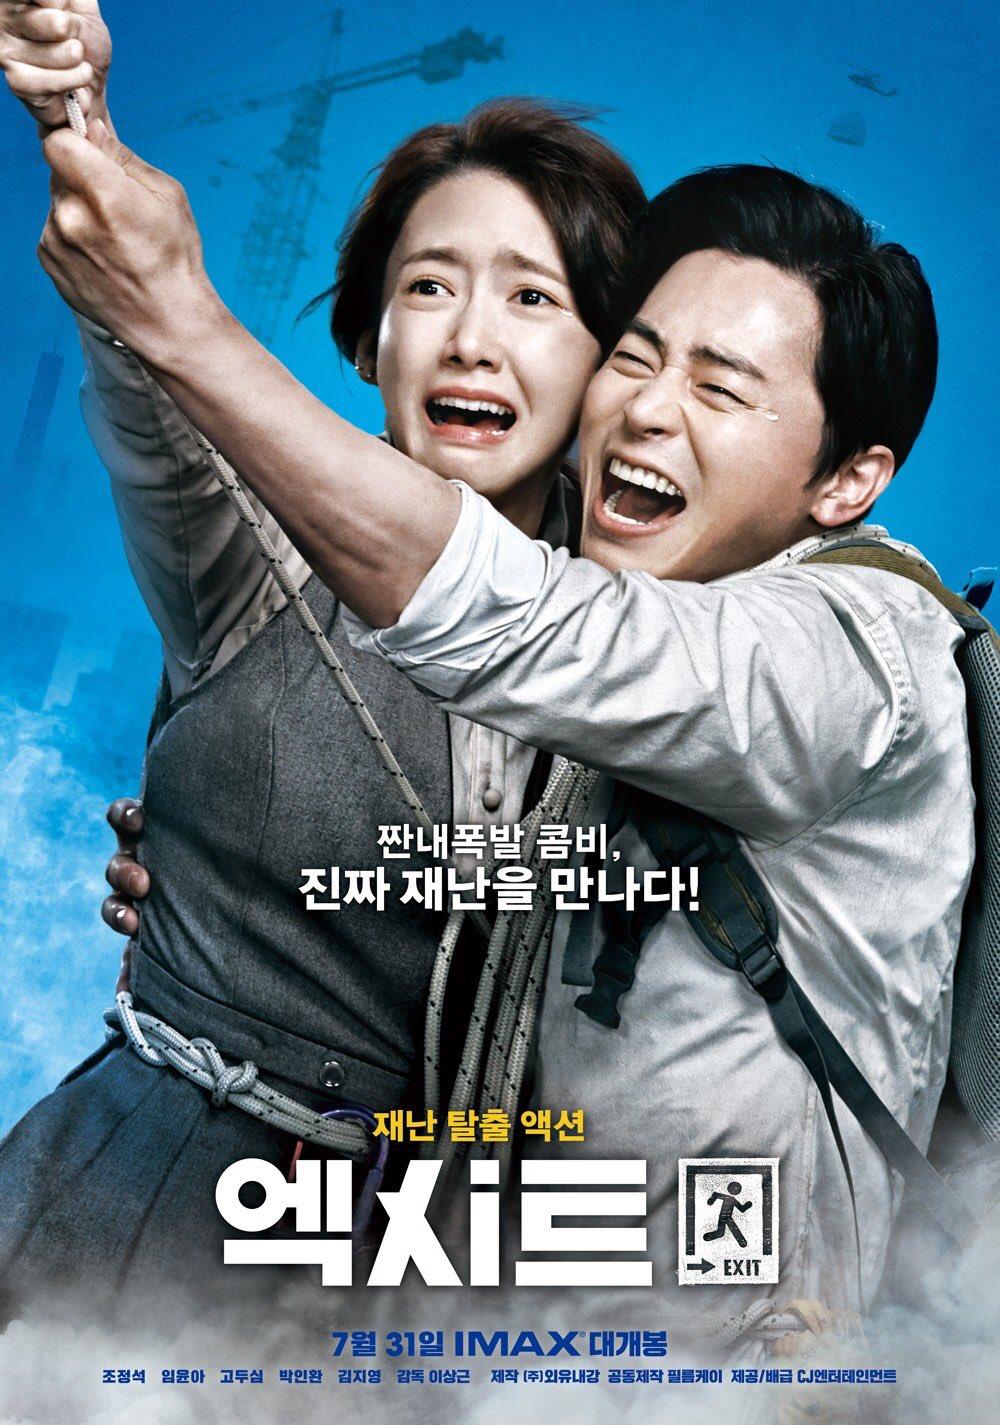 韩国电影《极限逃生》:一部值得二刷的好电影